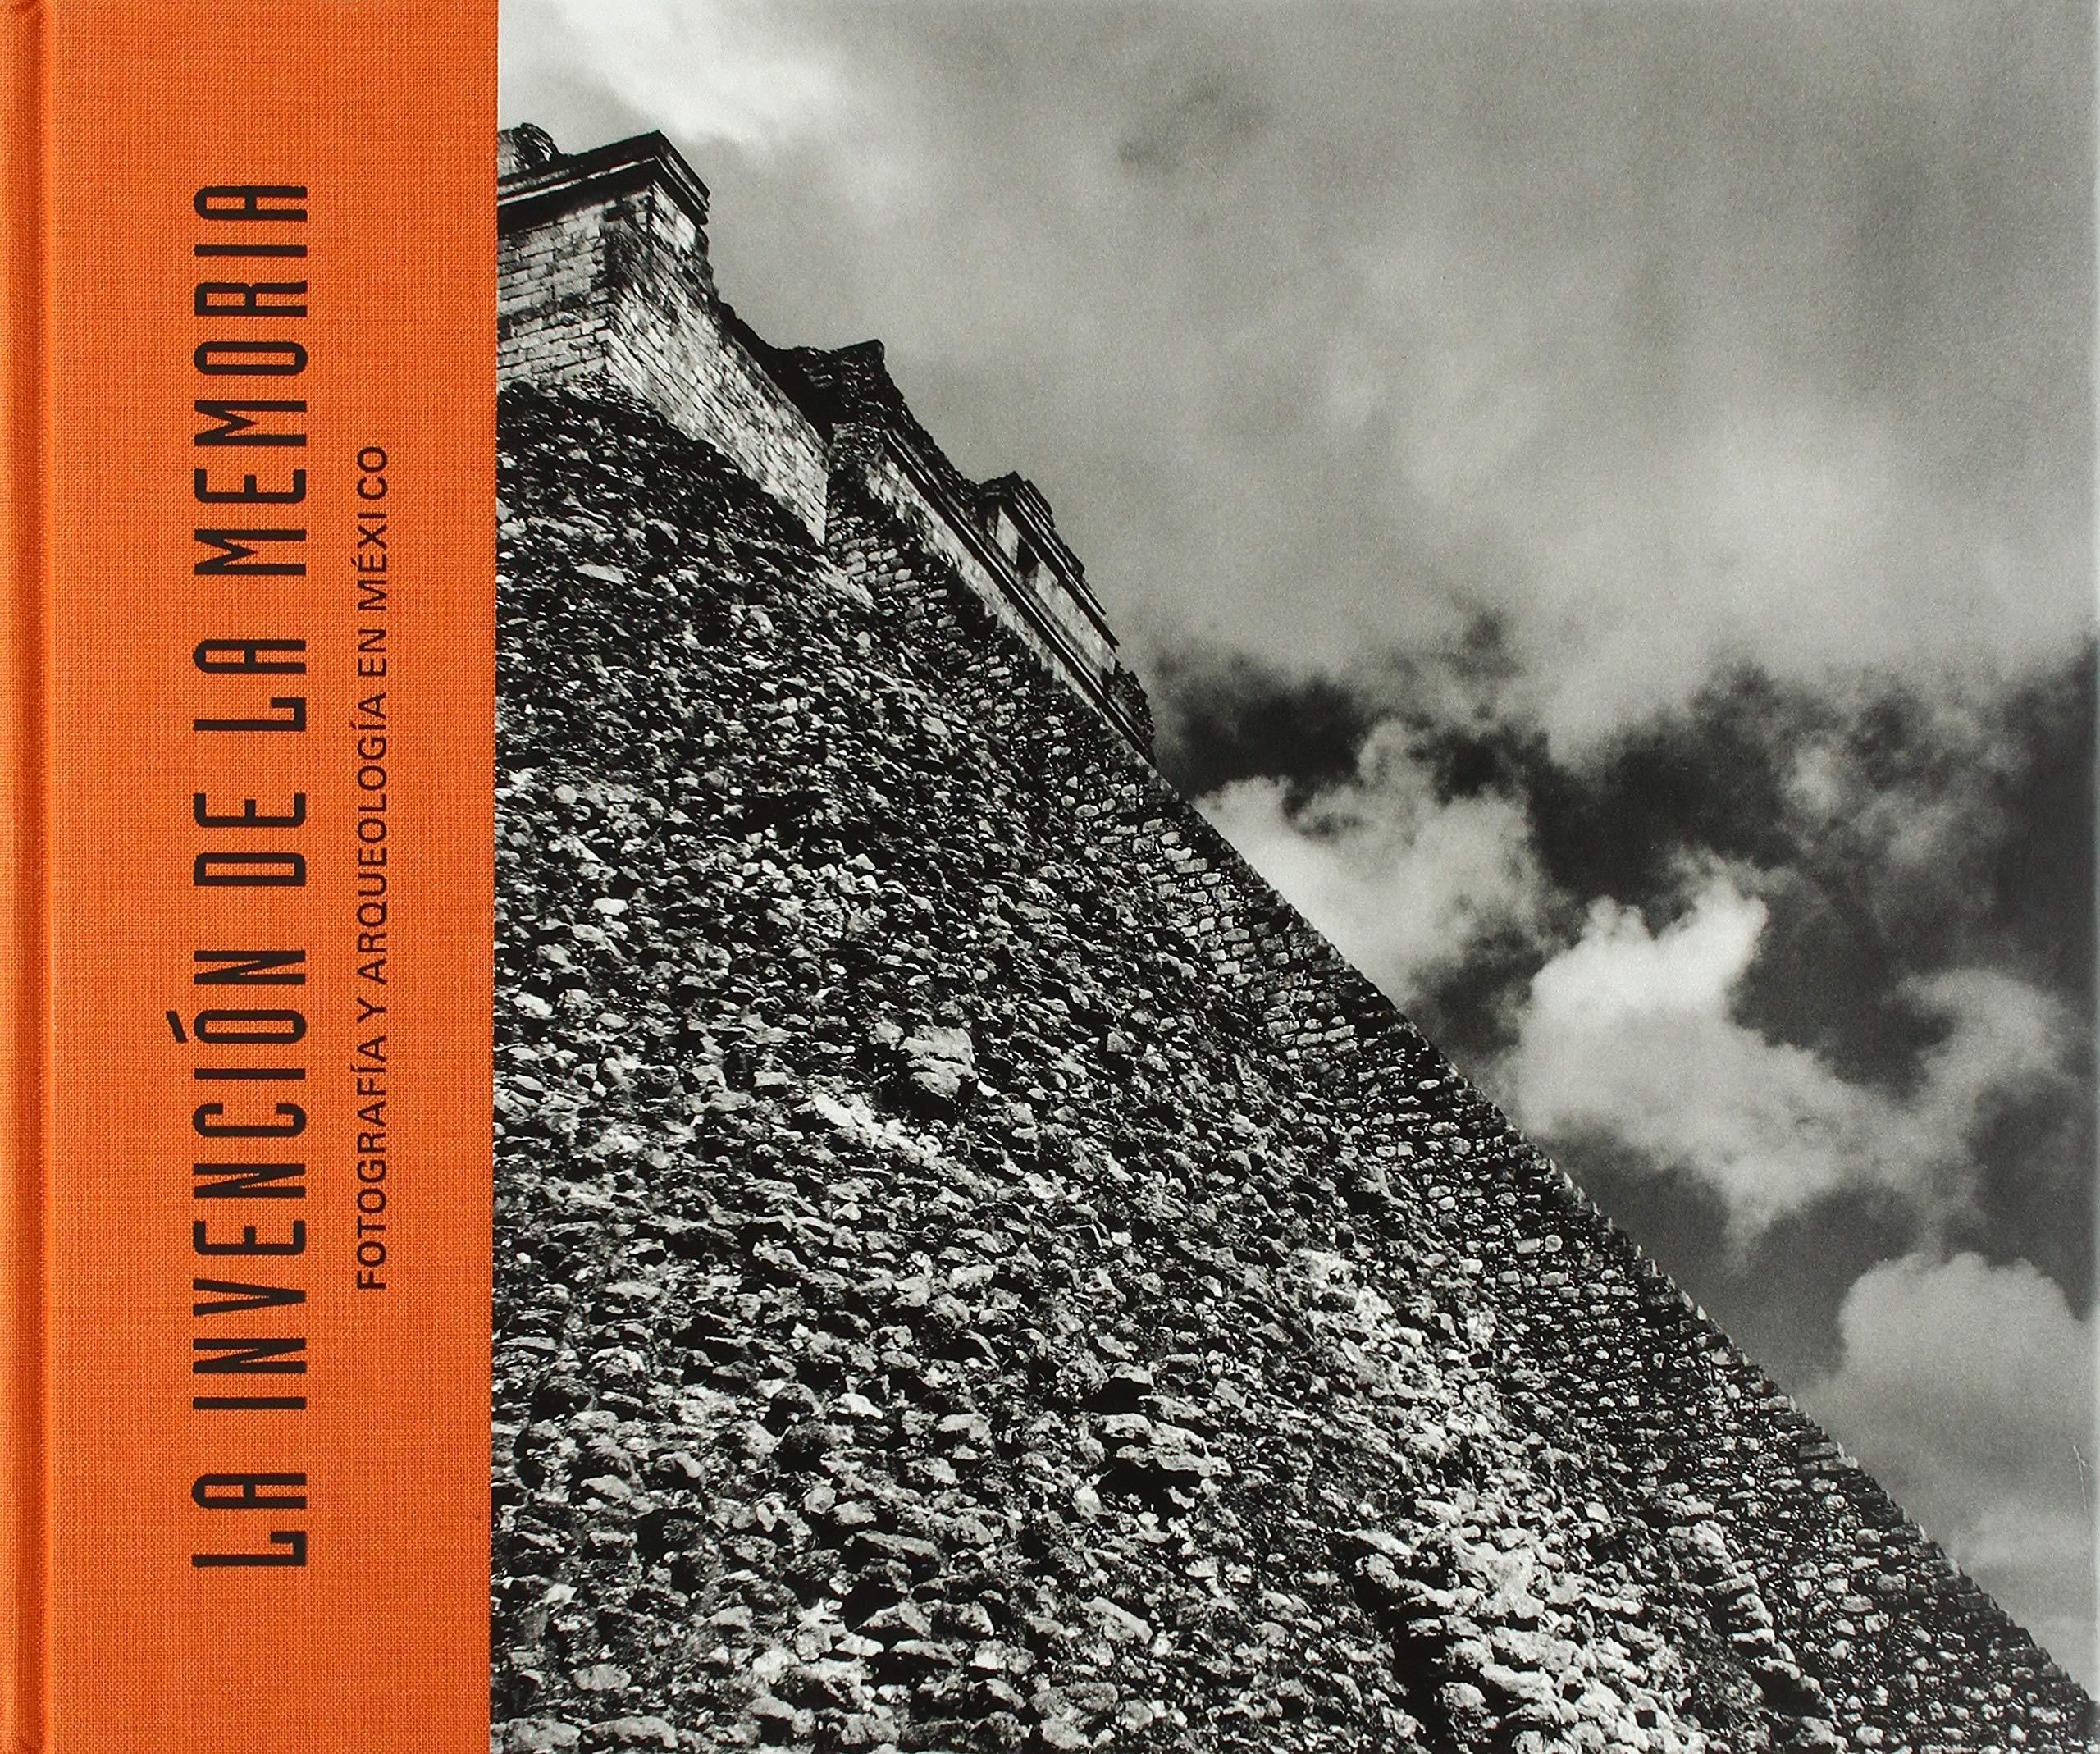 La invención de la memoria: Fotografía y arqueología en México Arte y fotografía: Amazon.es: Varios autores, Varios autores: Libros